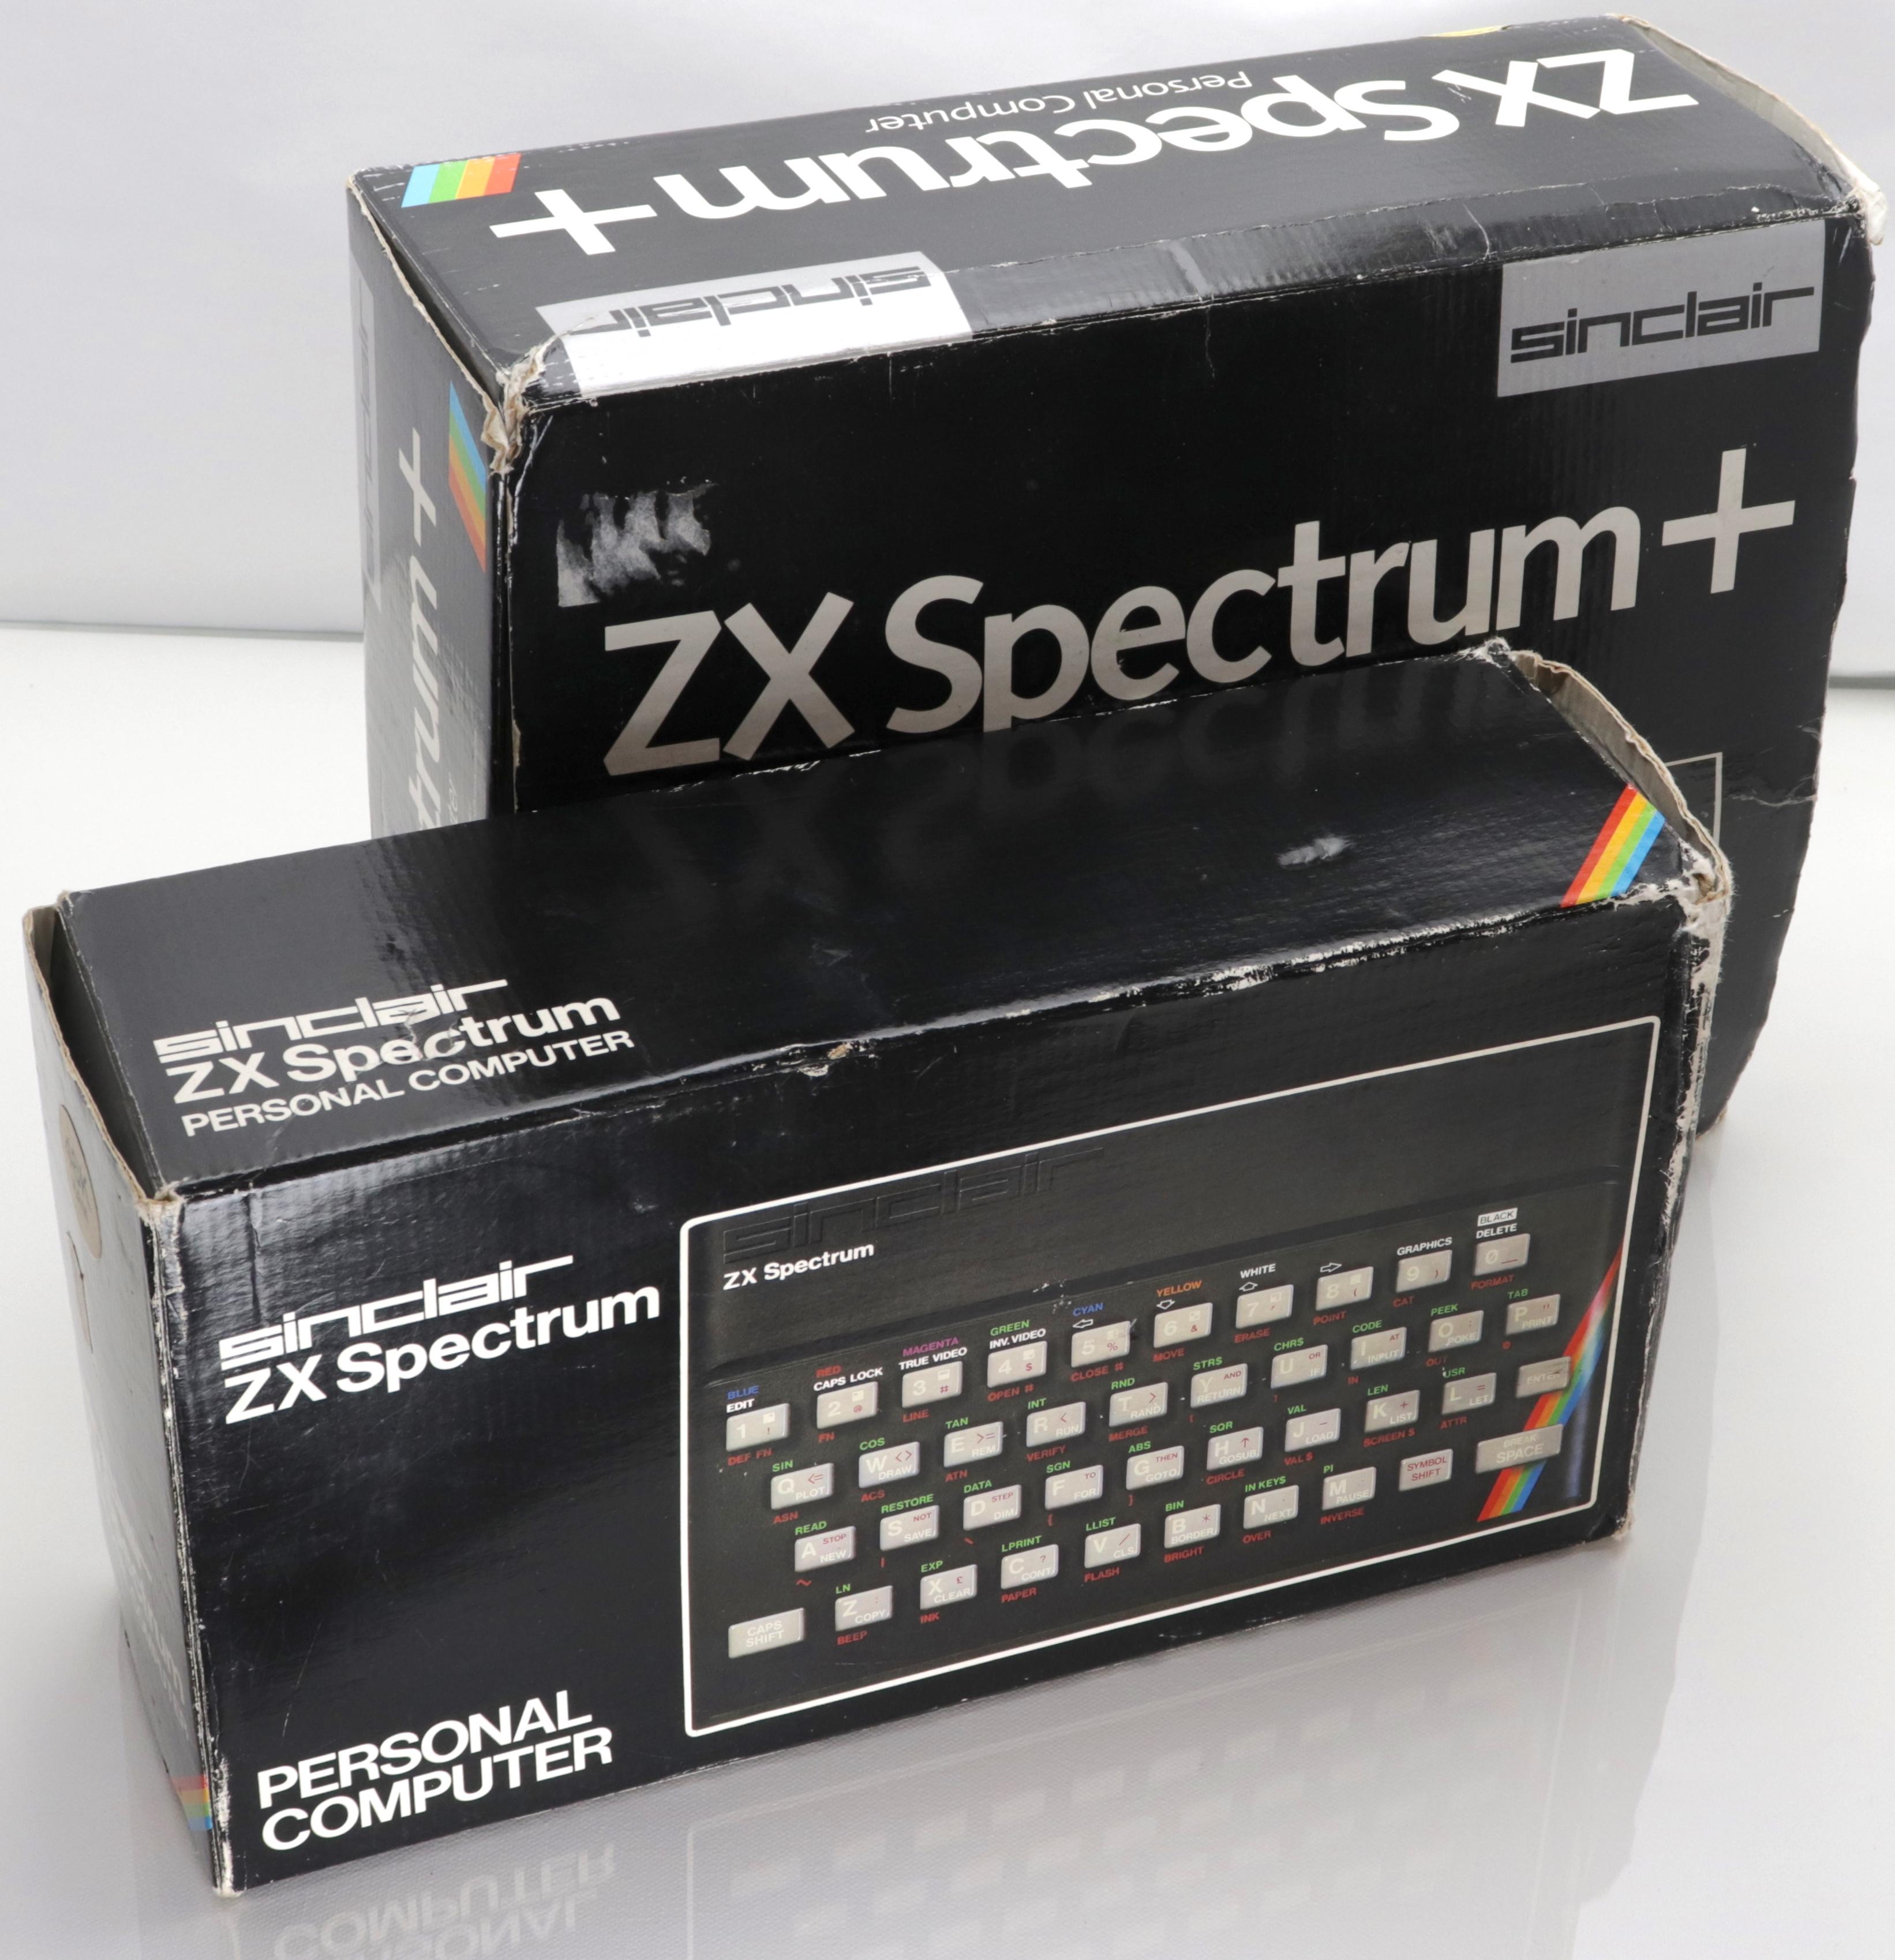 Spectrum és + dobozok